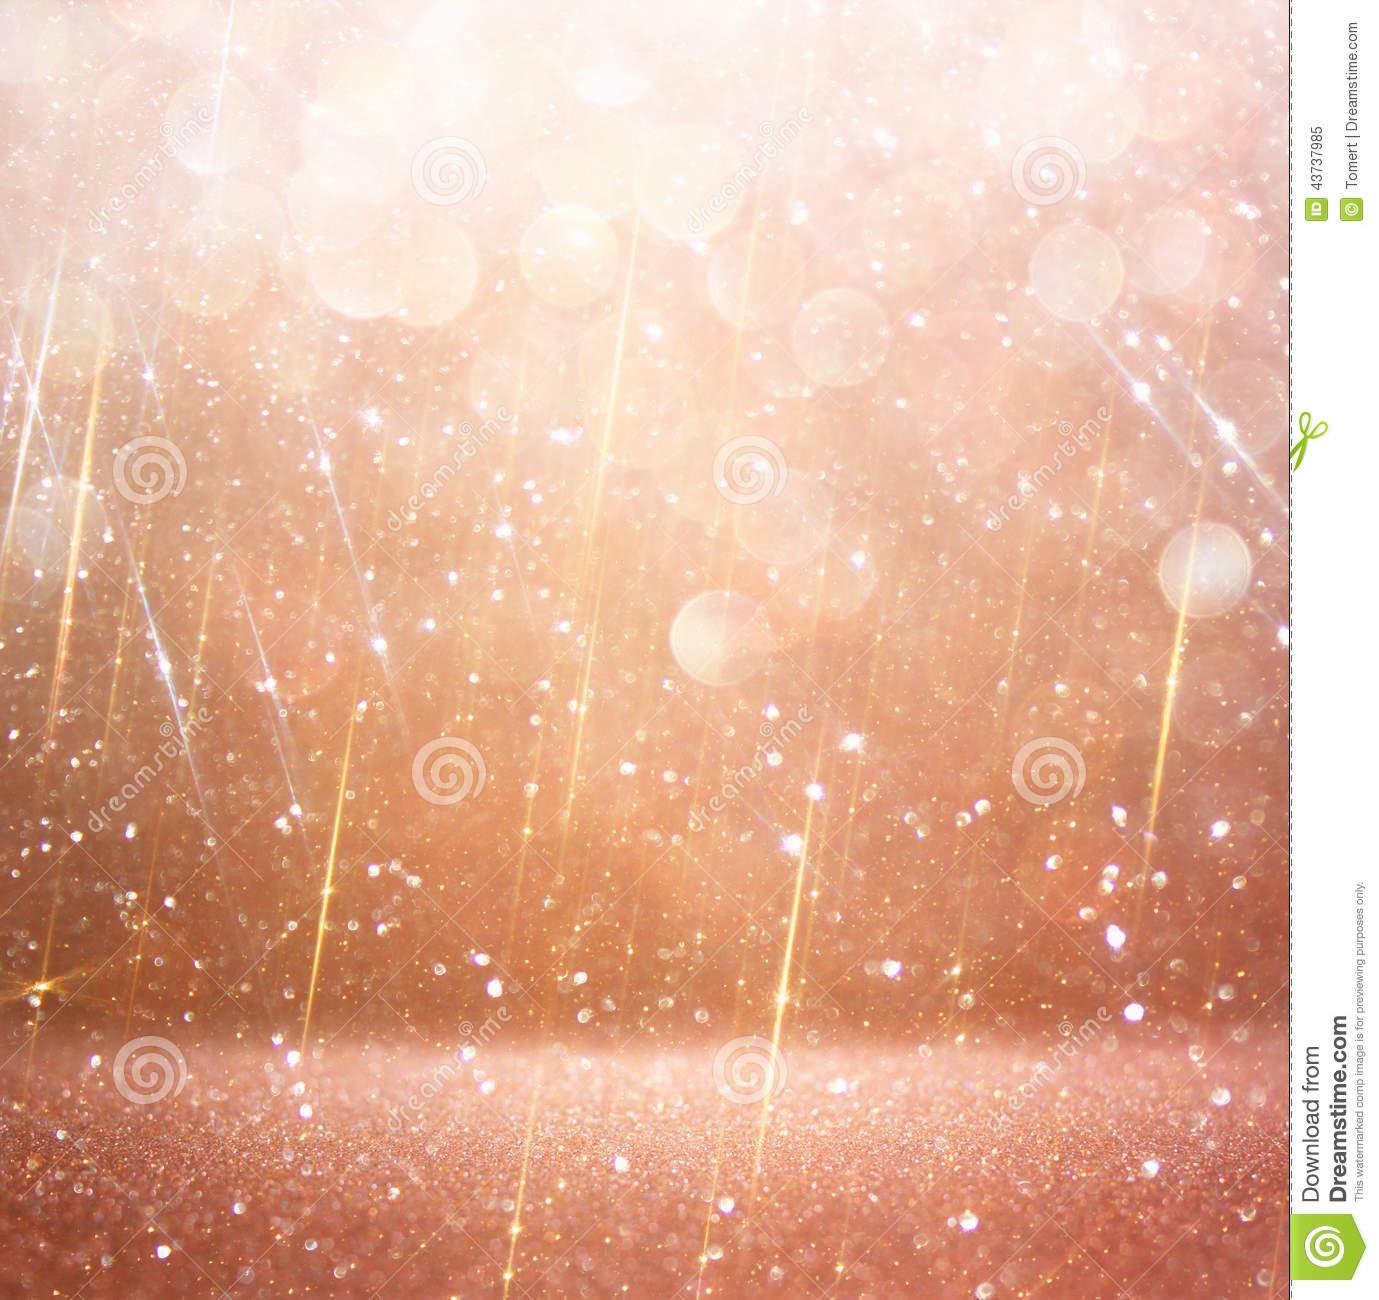 Rose Gold Sparkle Background glitter vintage lights background 1379x1300